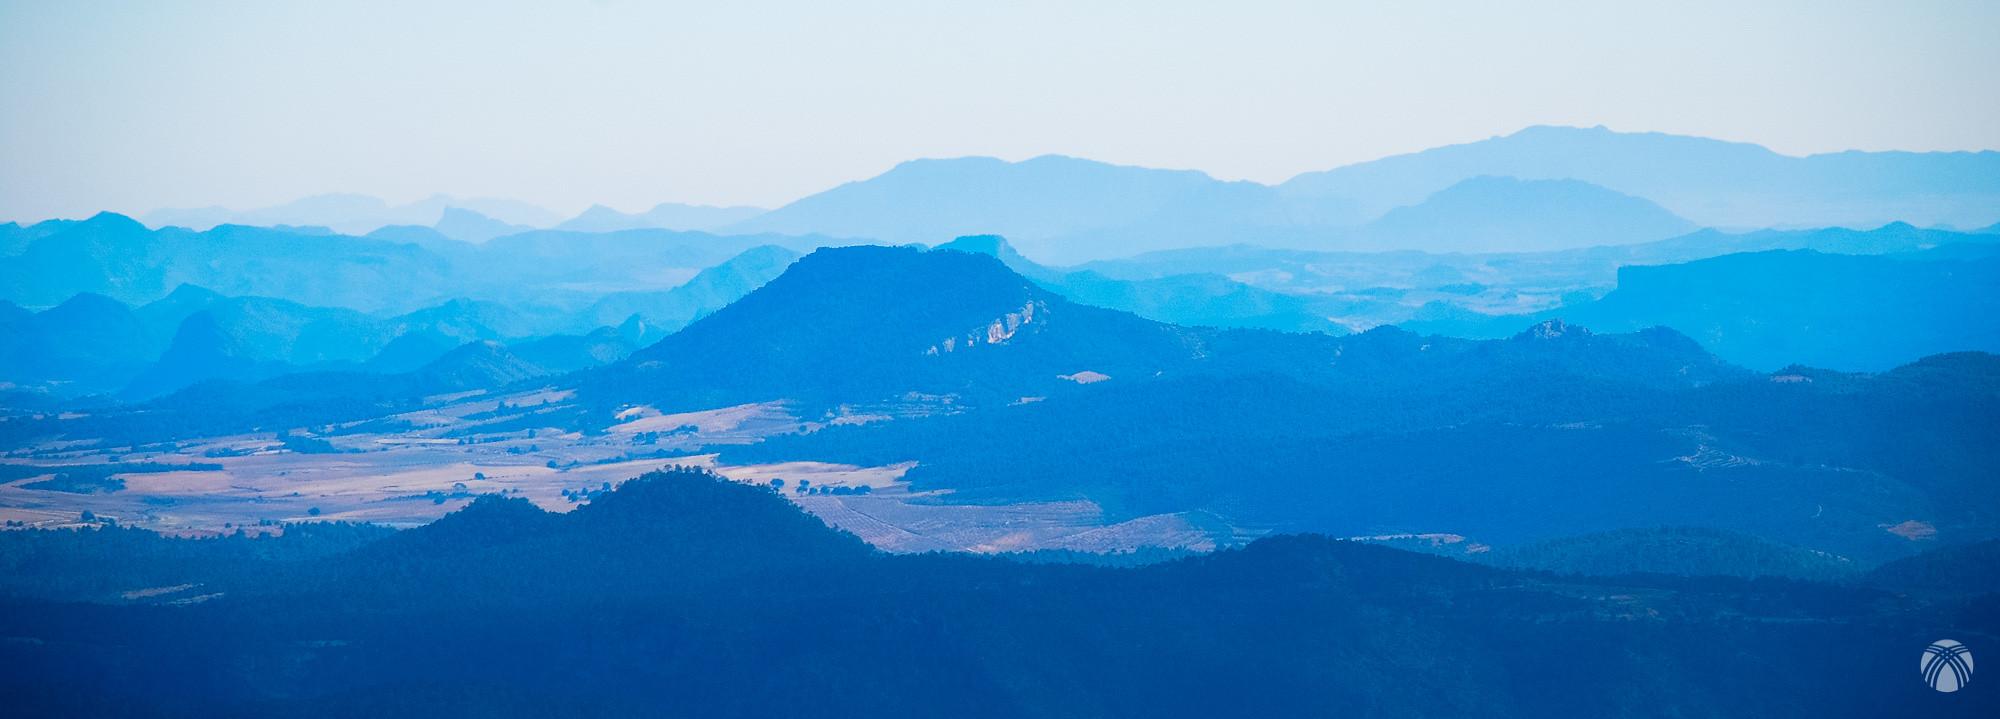 Hacia Levante todas las montañas de casa, incluyendo la sierra de Orihuela